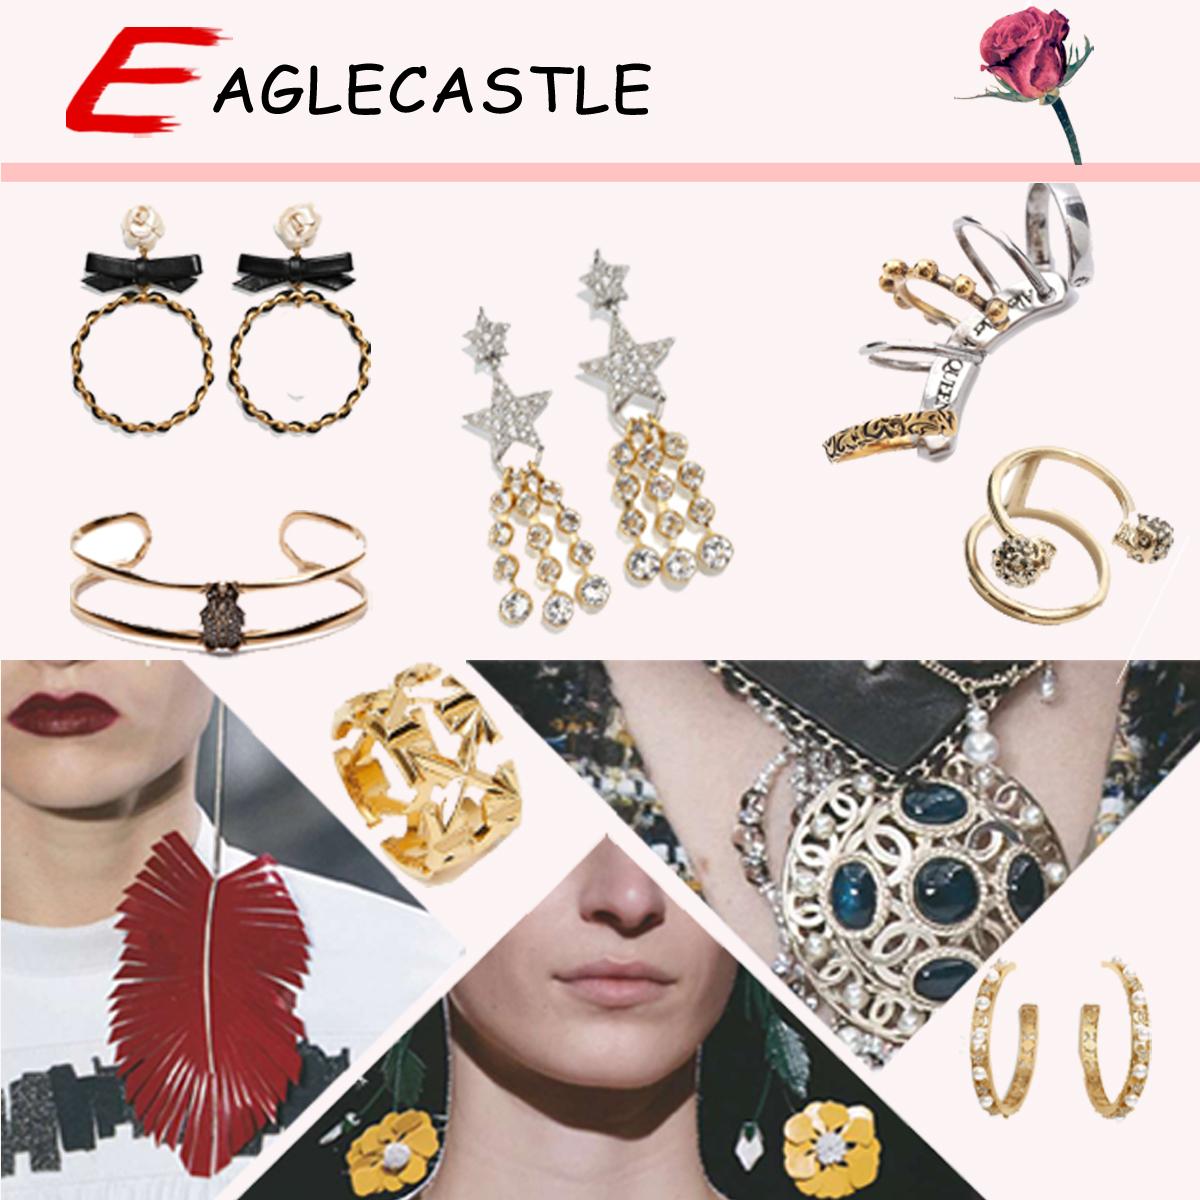 Beautiful Lady Earrings / Fashion Jewelry / Accessories / Jewellery / Silver Jewelry / Fashion Jewellery / National Style Earrings / Retro Earrings